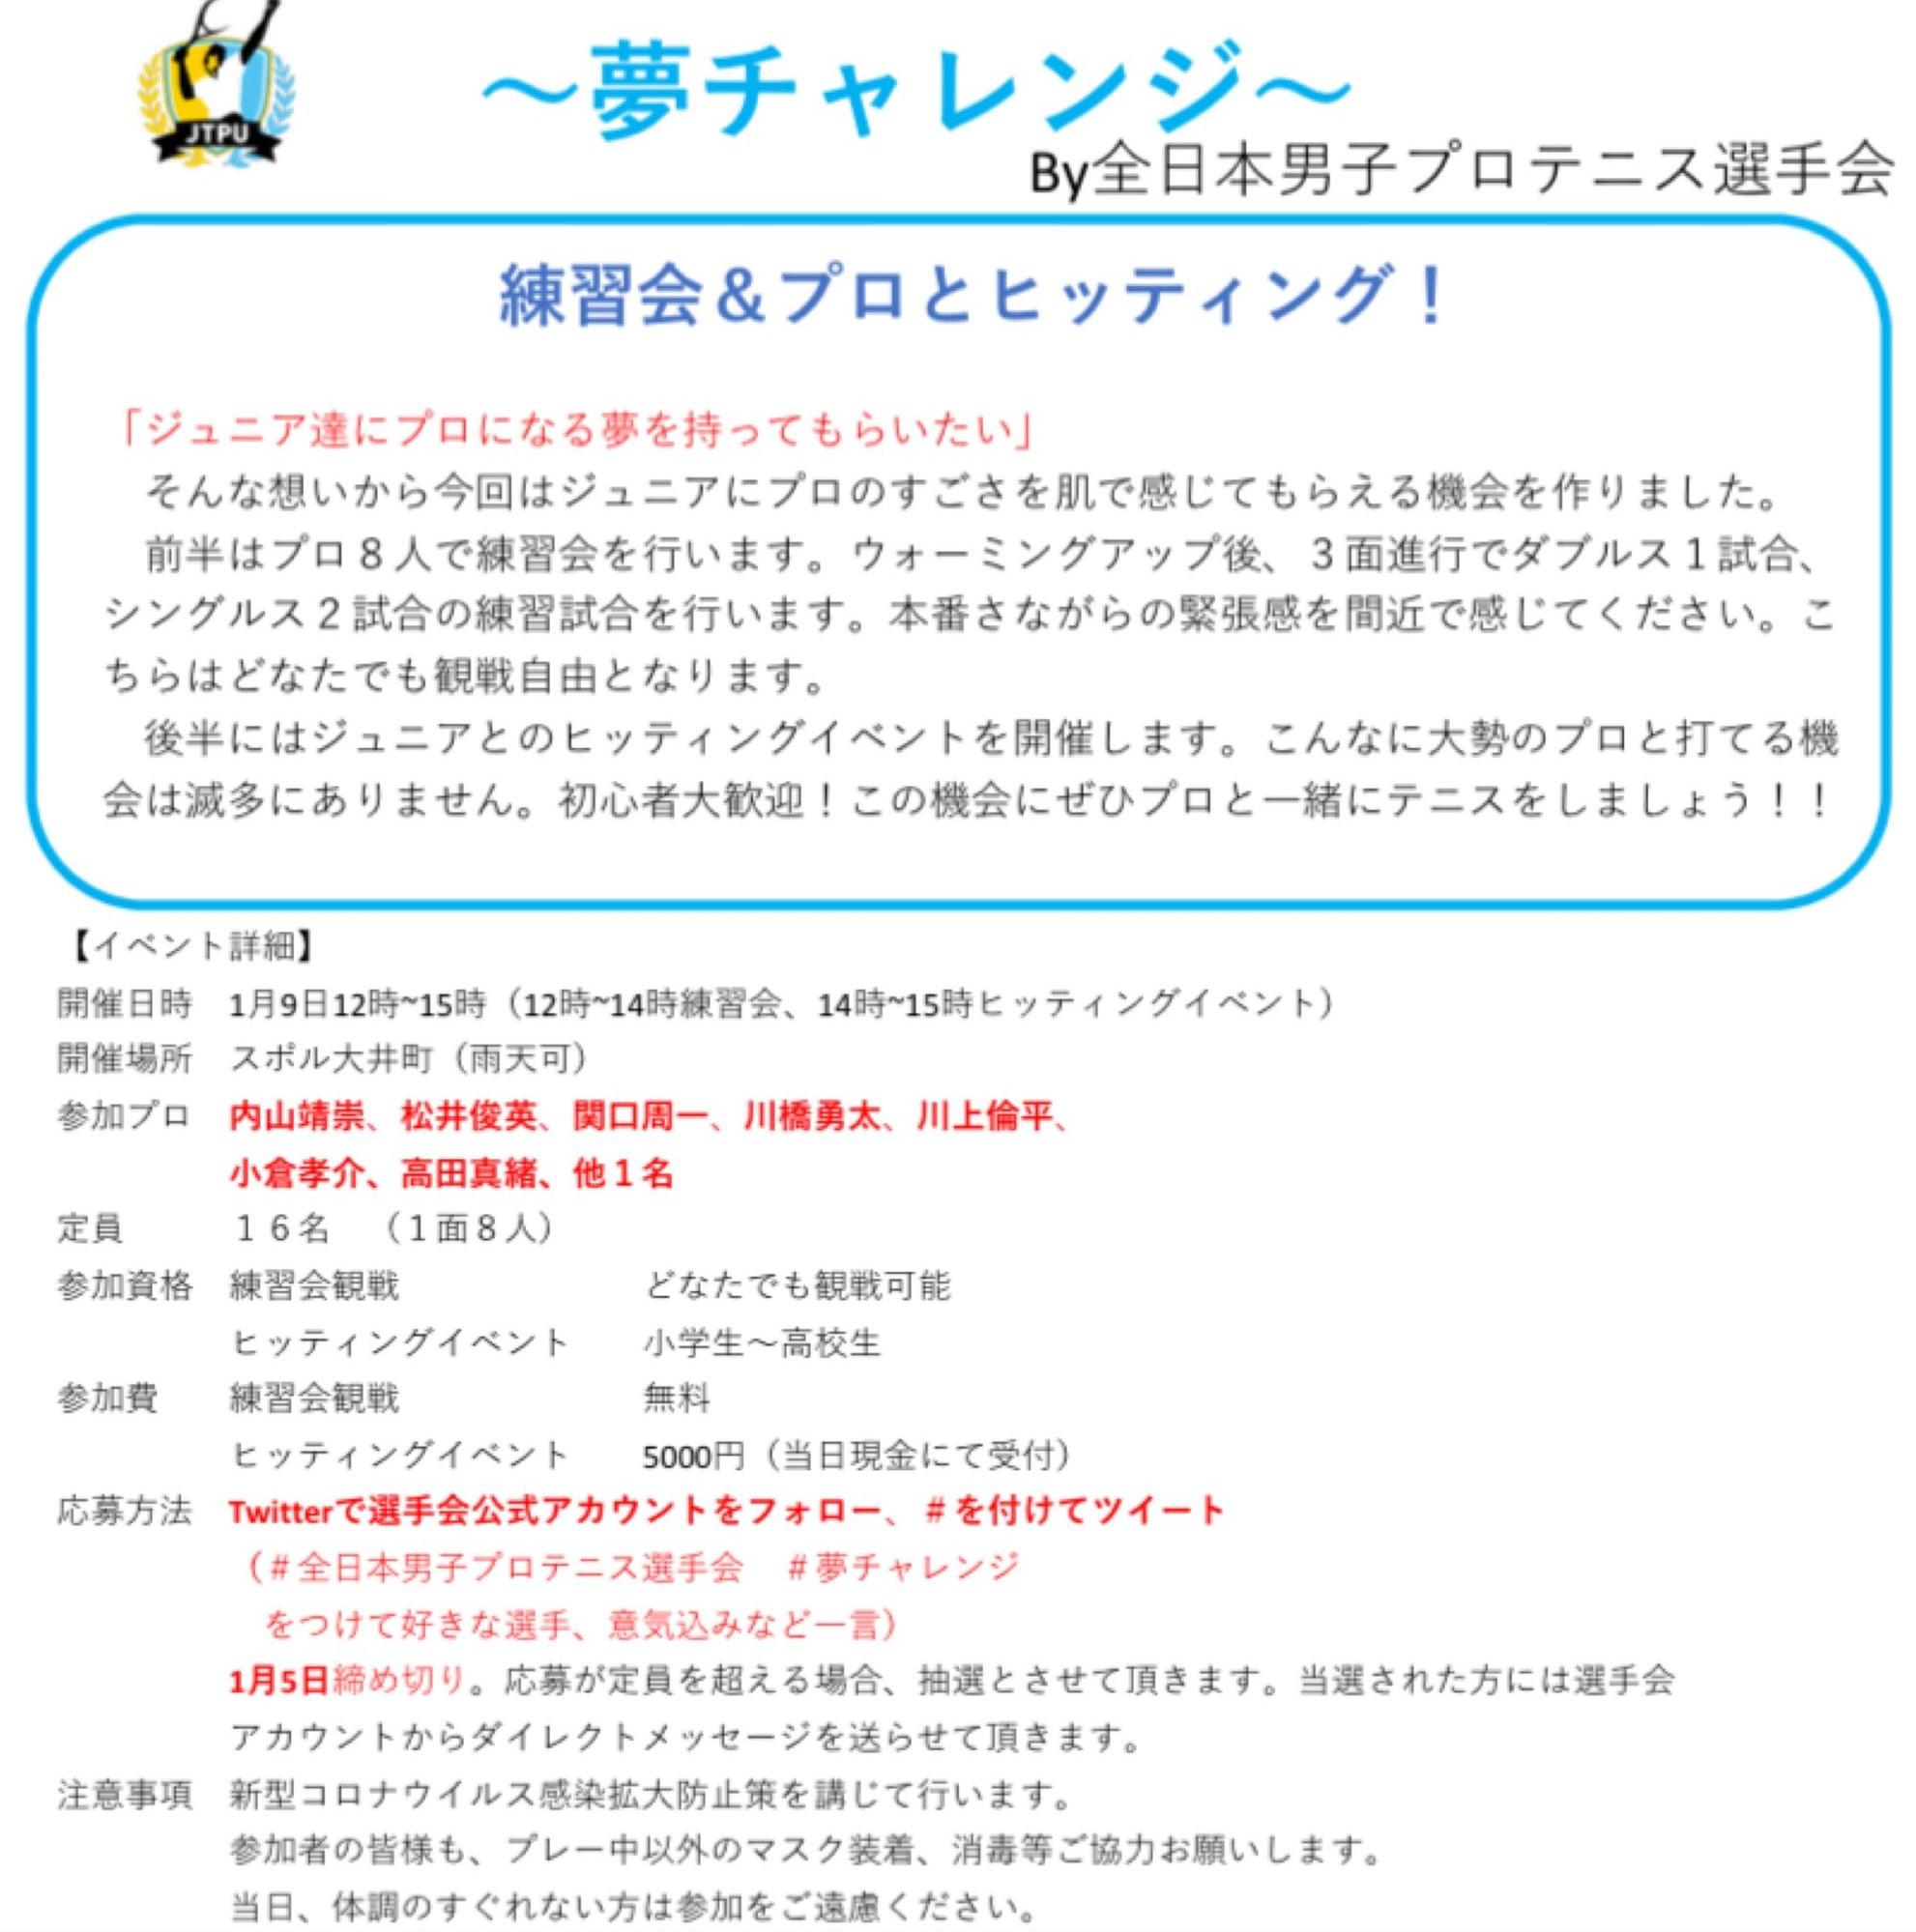 ジュニア達に夢を! 内山靖崇などトッププロがジュニアを直接指導【ニュース – TENNIS.jp】